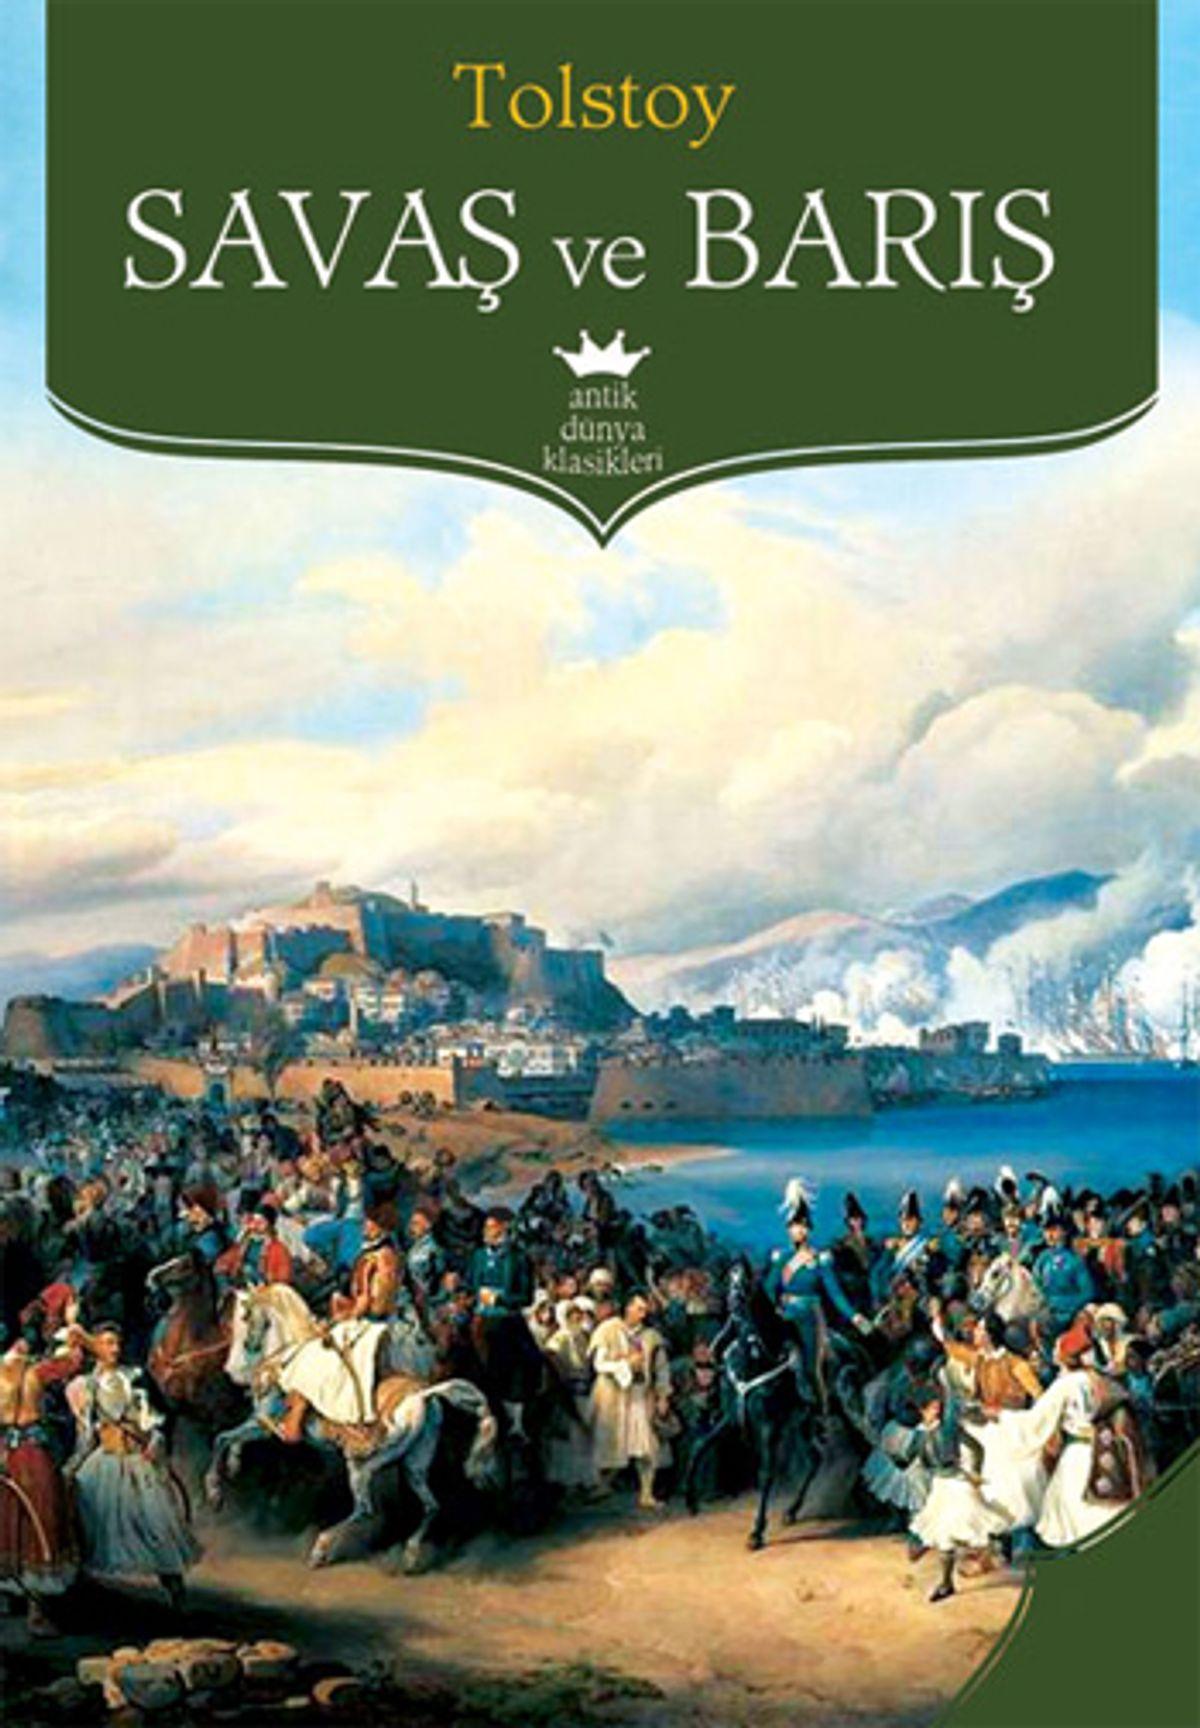 Savaş ve Barış Romanının Özeti - Tolstoy 1 – savaş ve barış